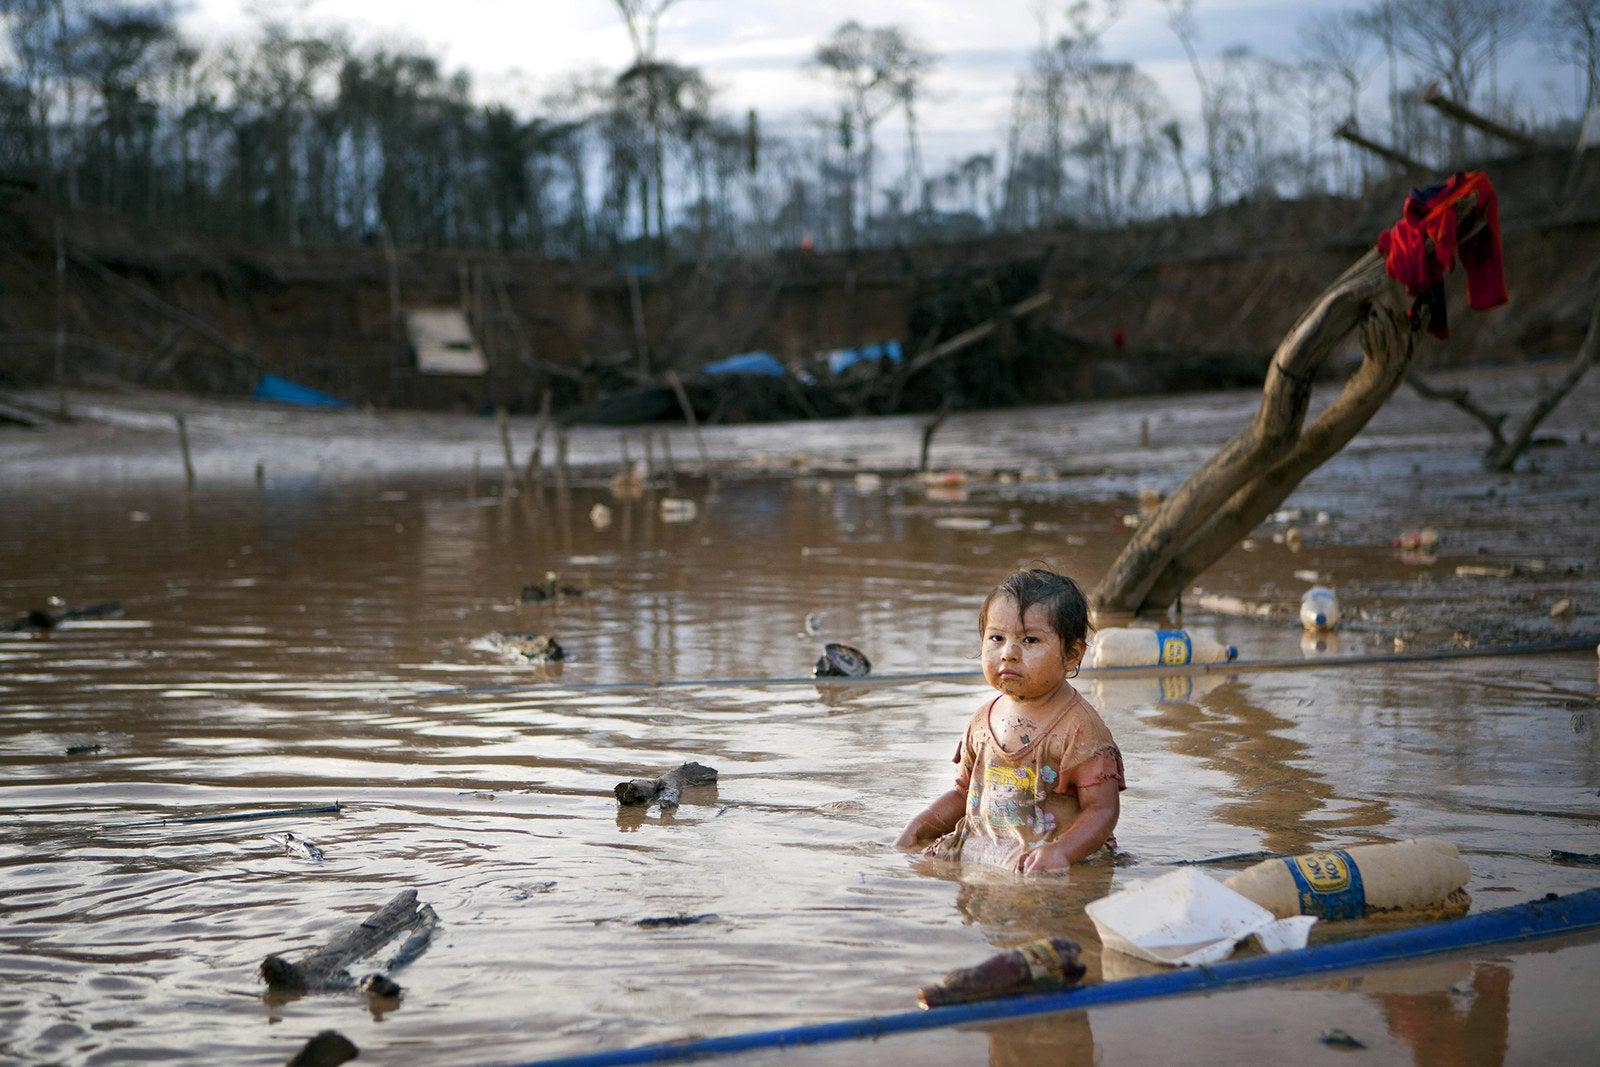 ペルーのマドレ・デ・ディオスエリアの金鉱山の近くにて。爆薬で大地を削り、水が噴き出したことで生まれた池は、ひどく汚染されている。(2014年3月3日)